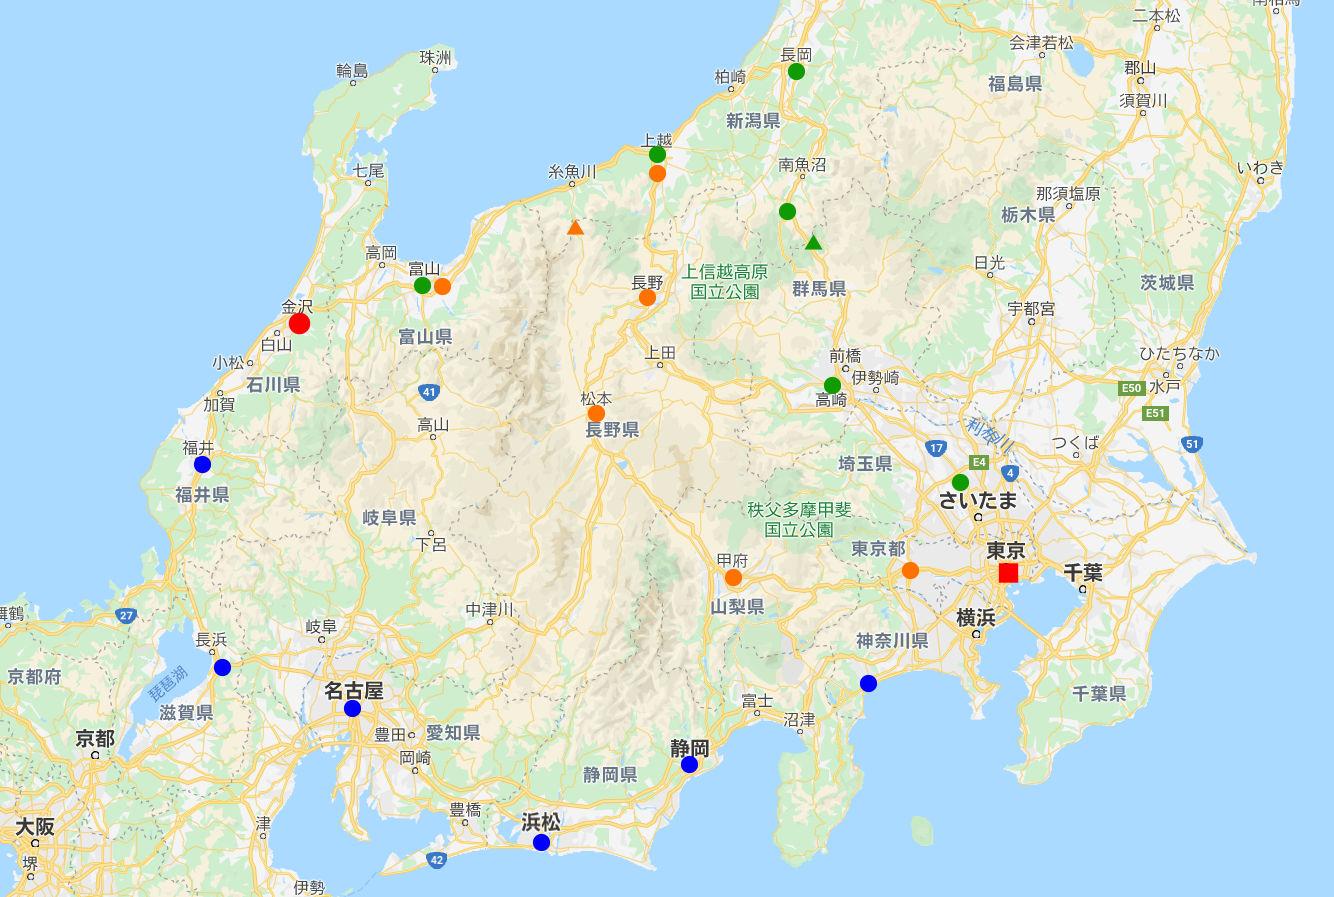 はるかなる北陸路・その1・青春18きっぷで東京から金沢へ2009冬-1101